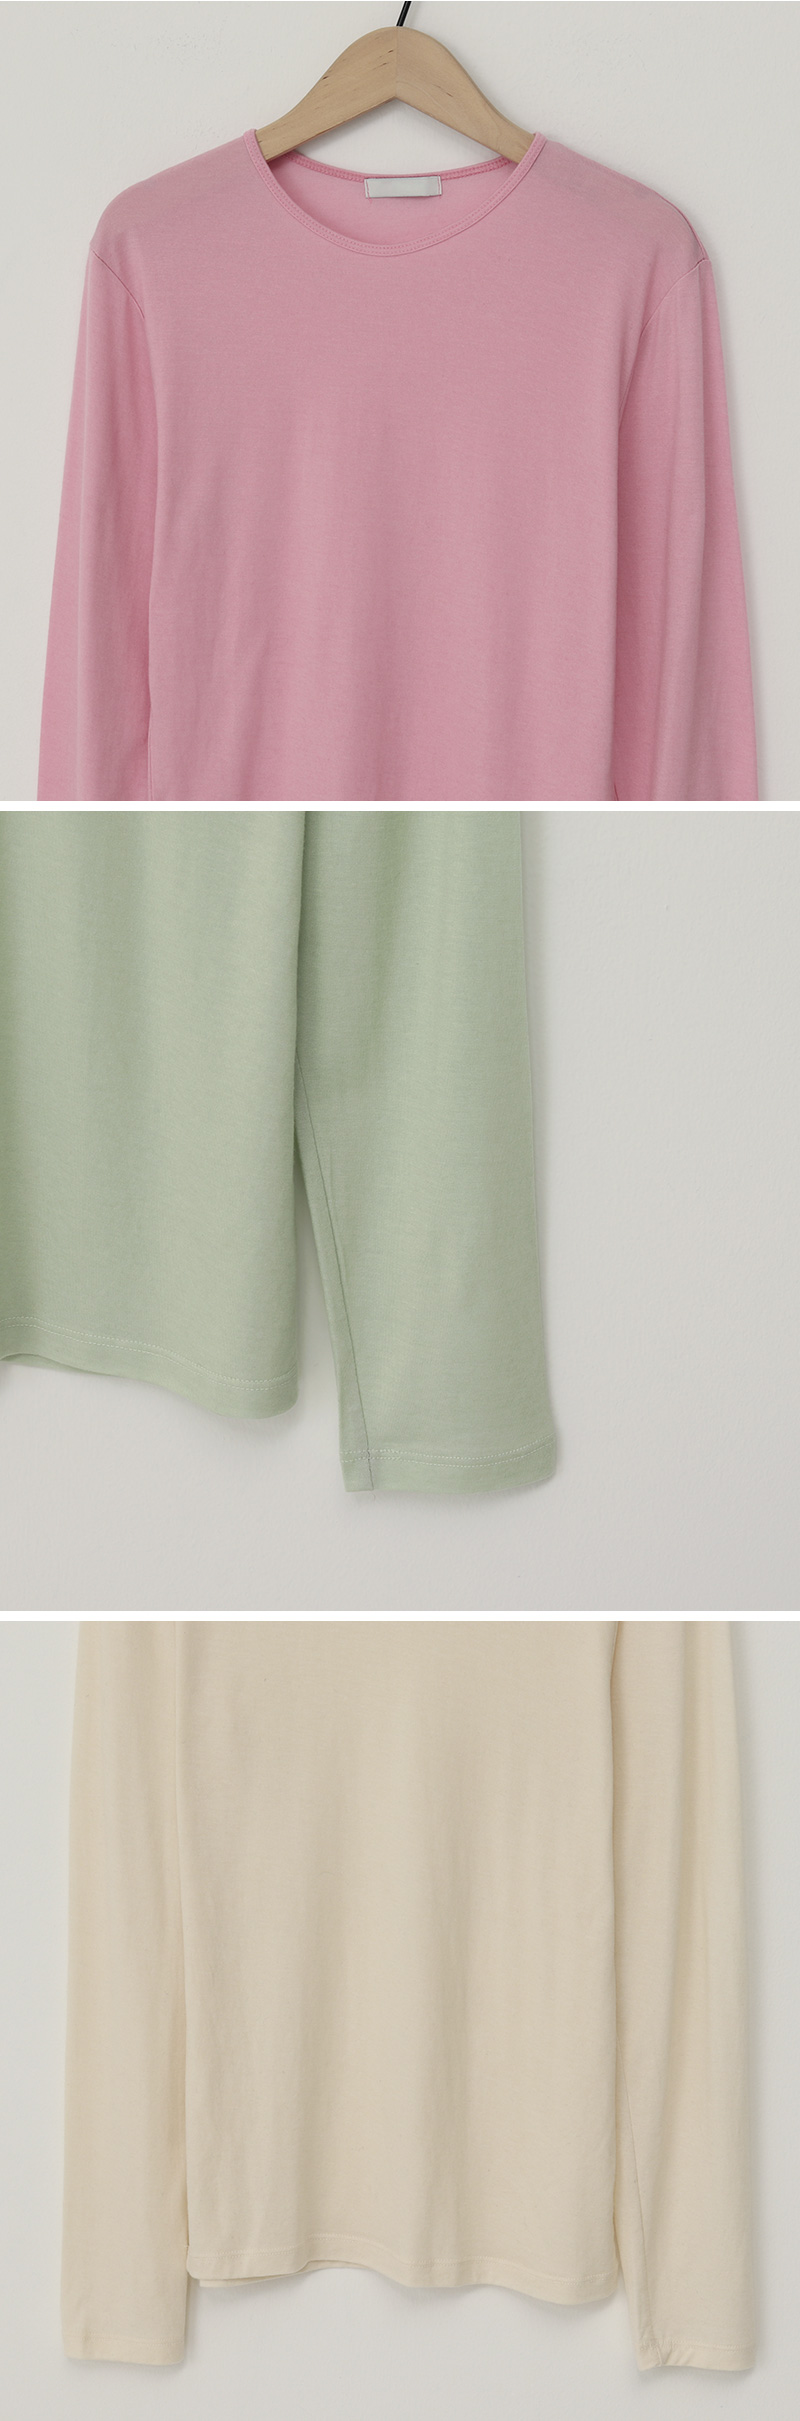 Tend wool tencel T_C (size : free)